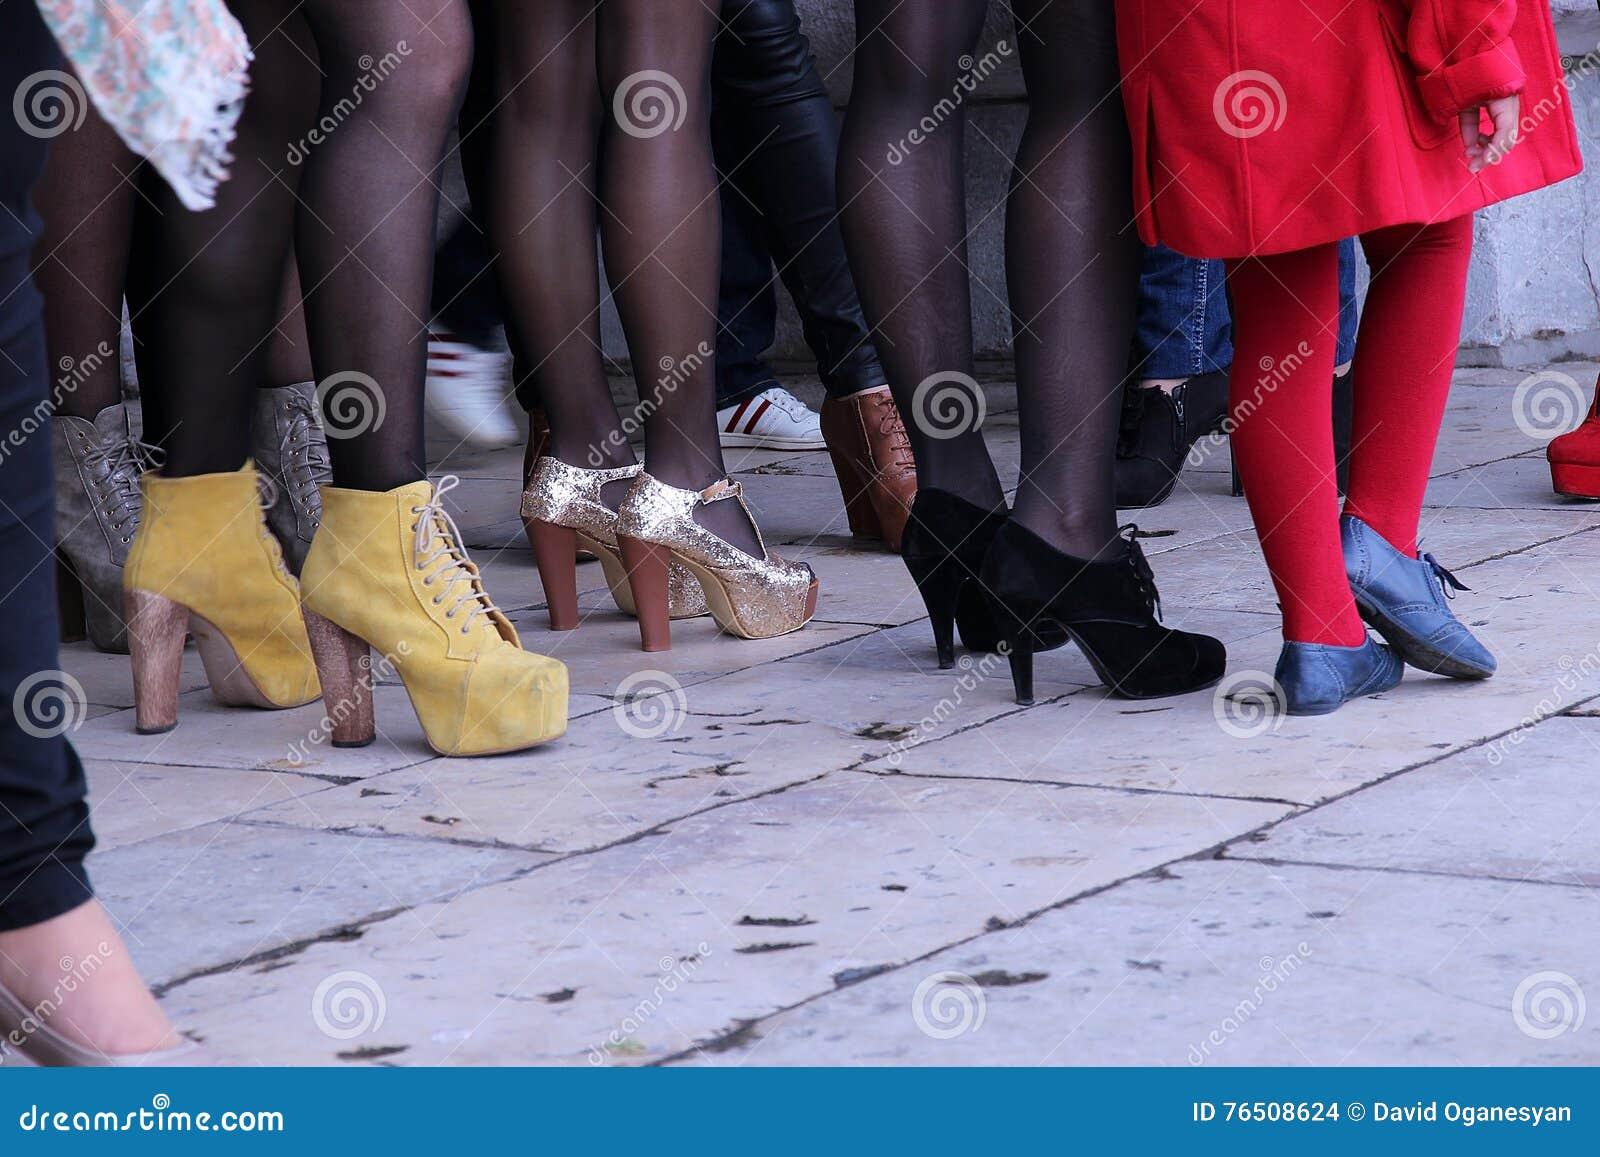 Women legs in a crowd place